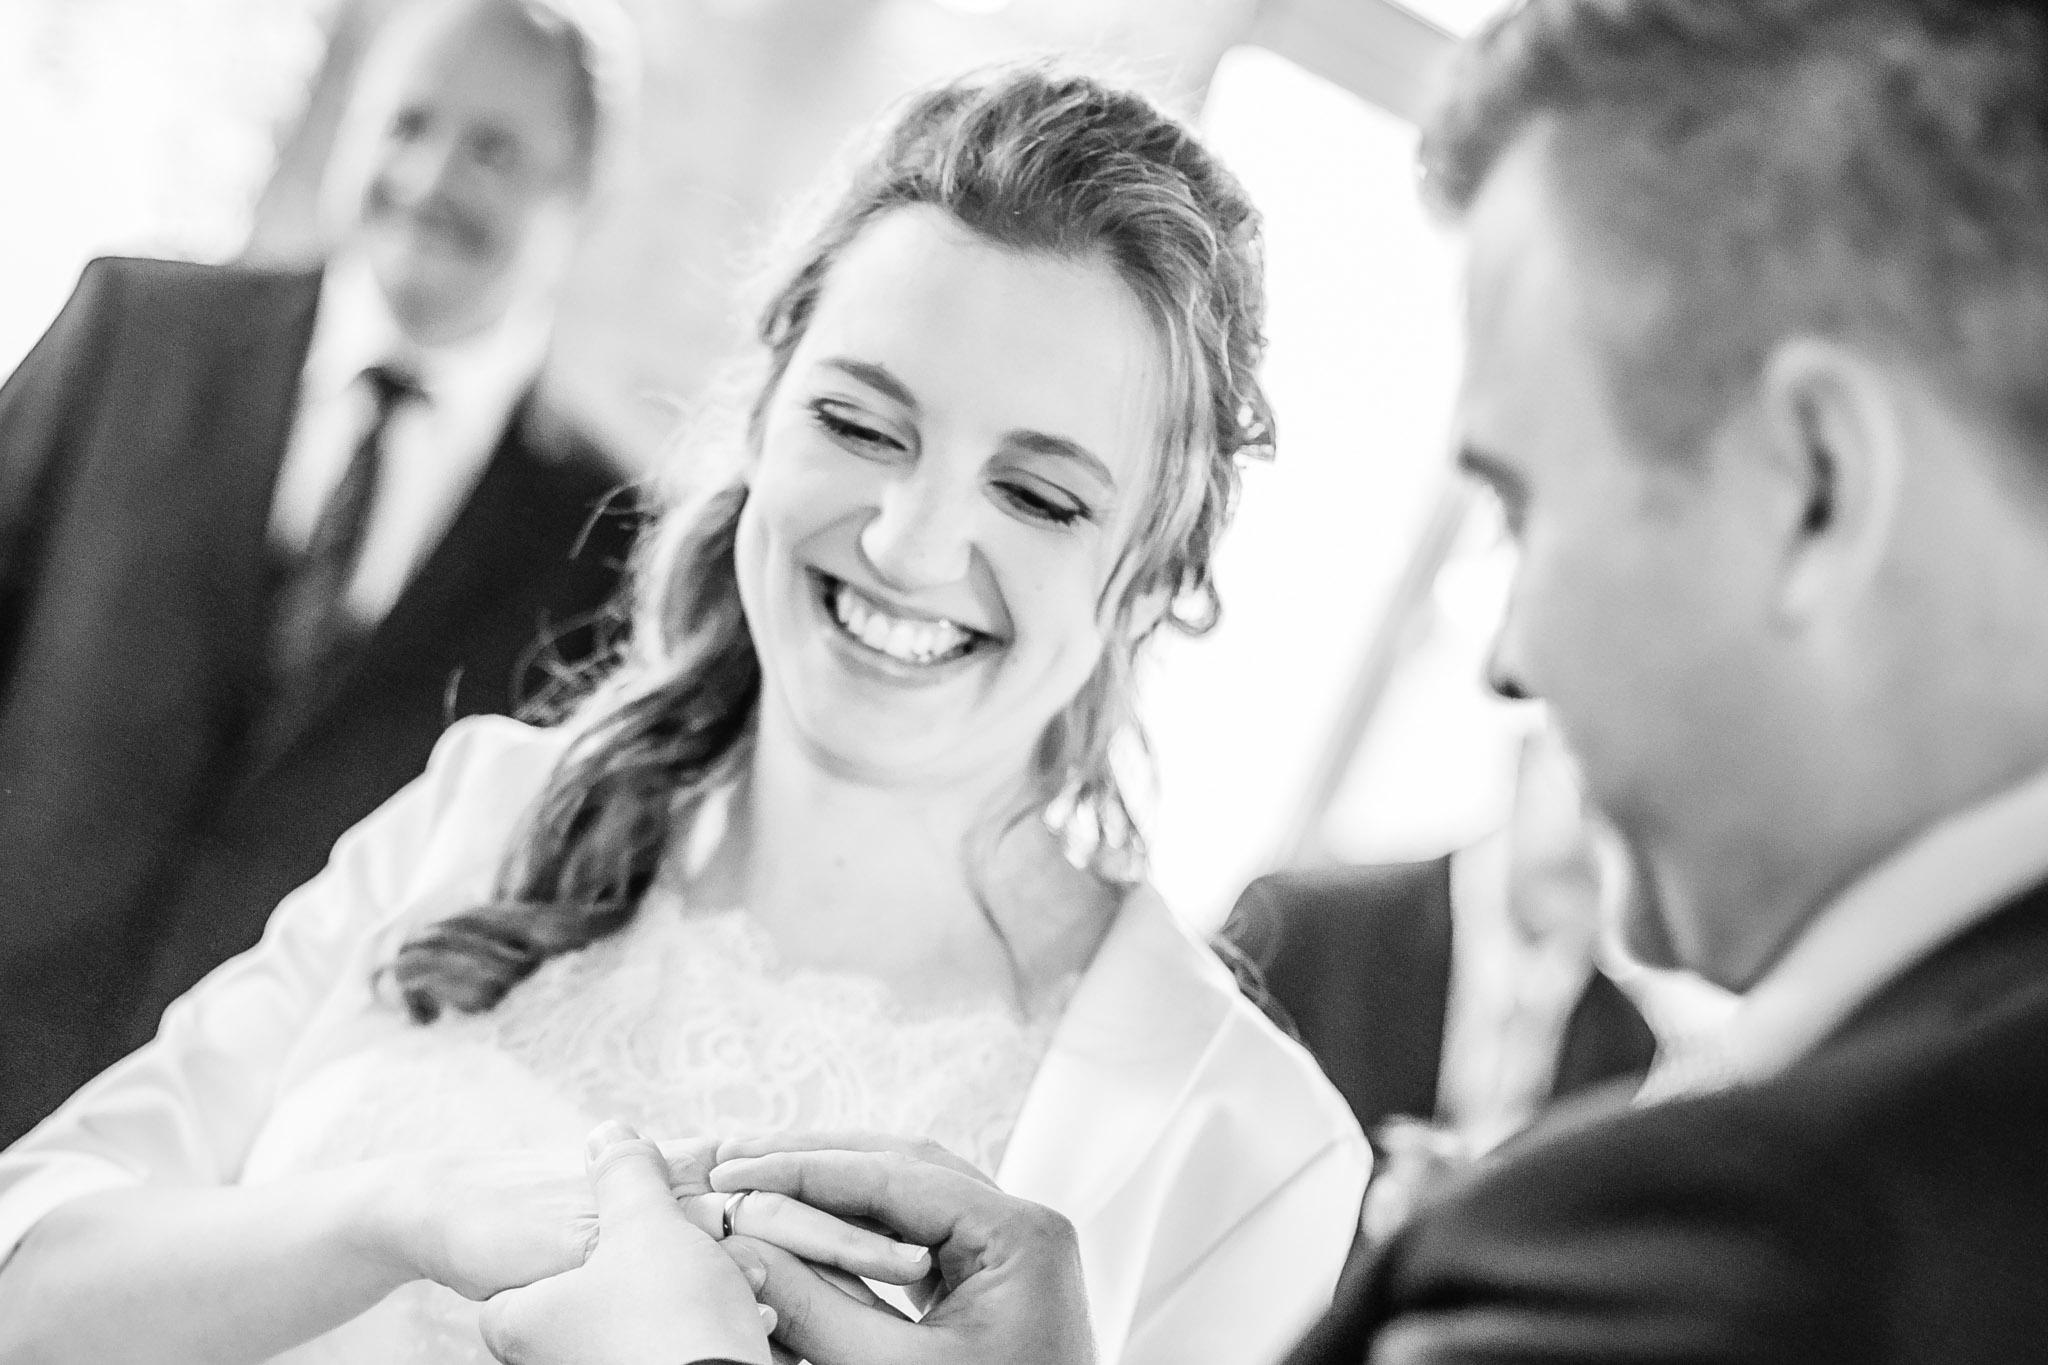 Hochzeitsfoto von Susann & Christian 3